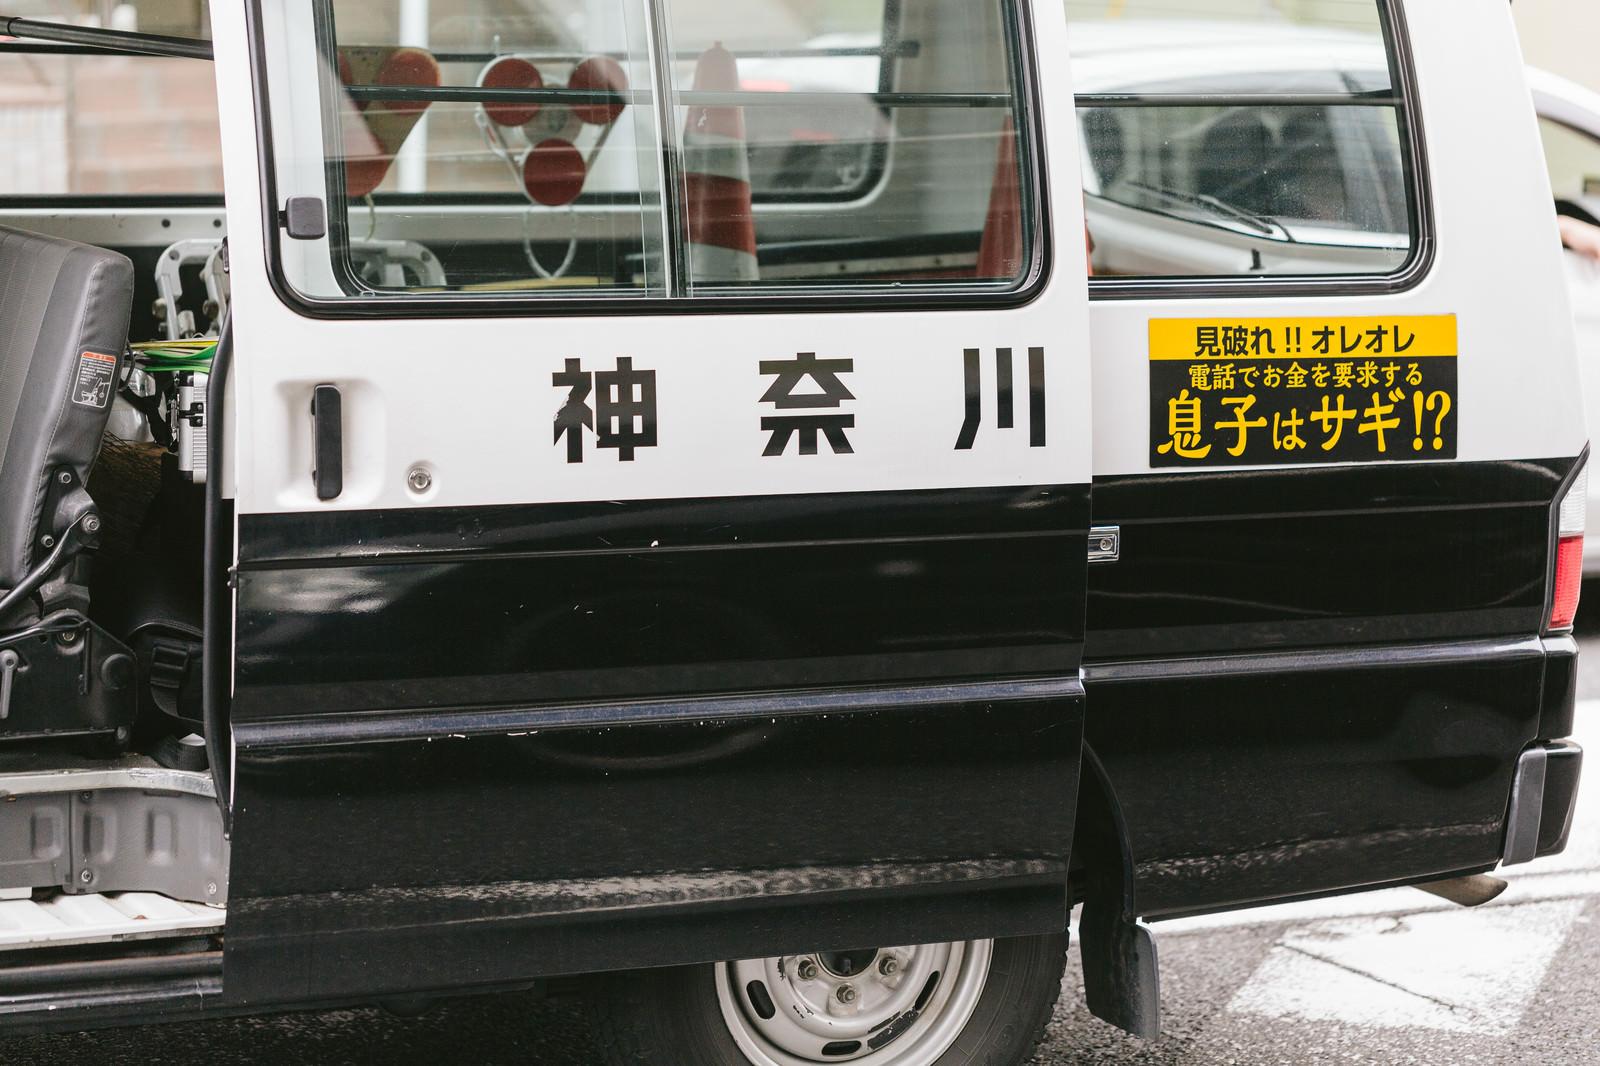 「神奈川県警察の車両(ワゴン)」の写真